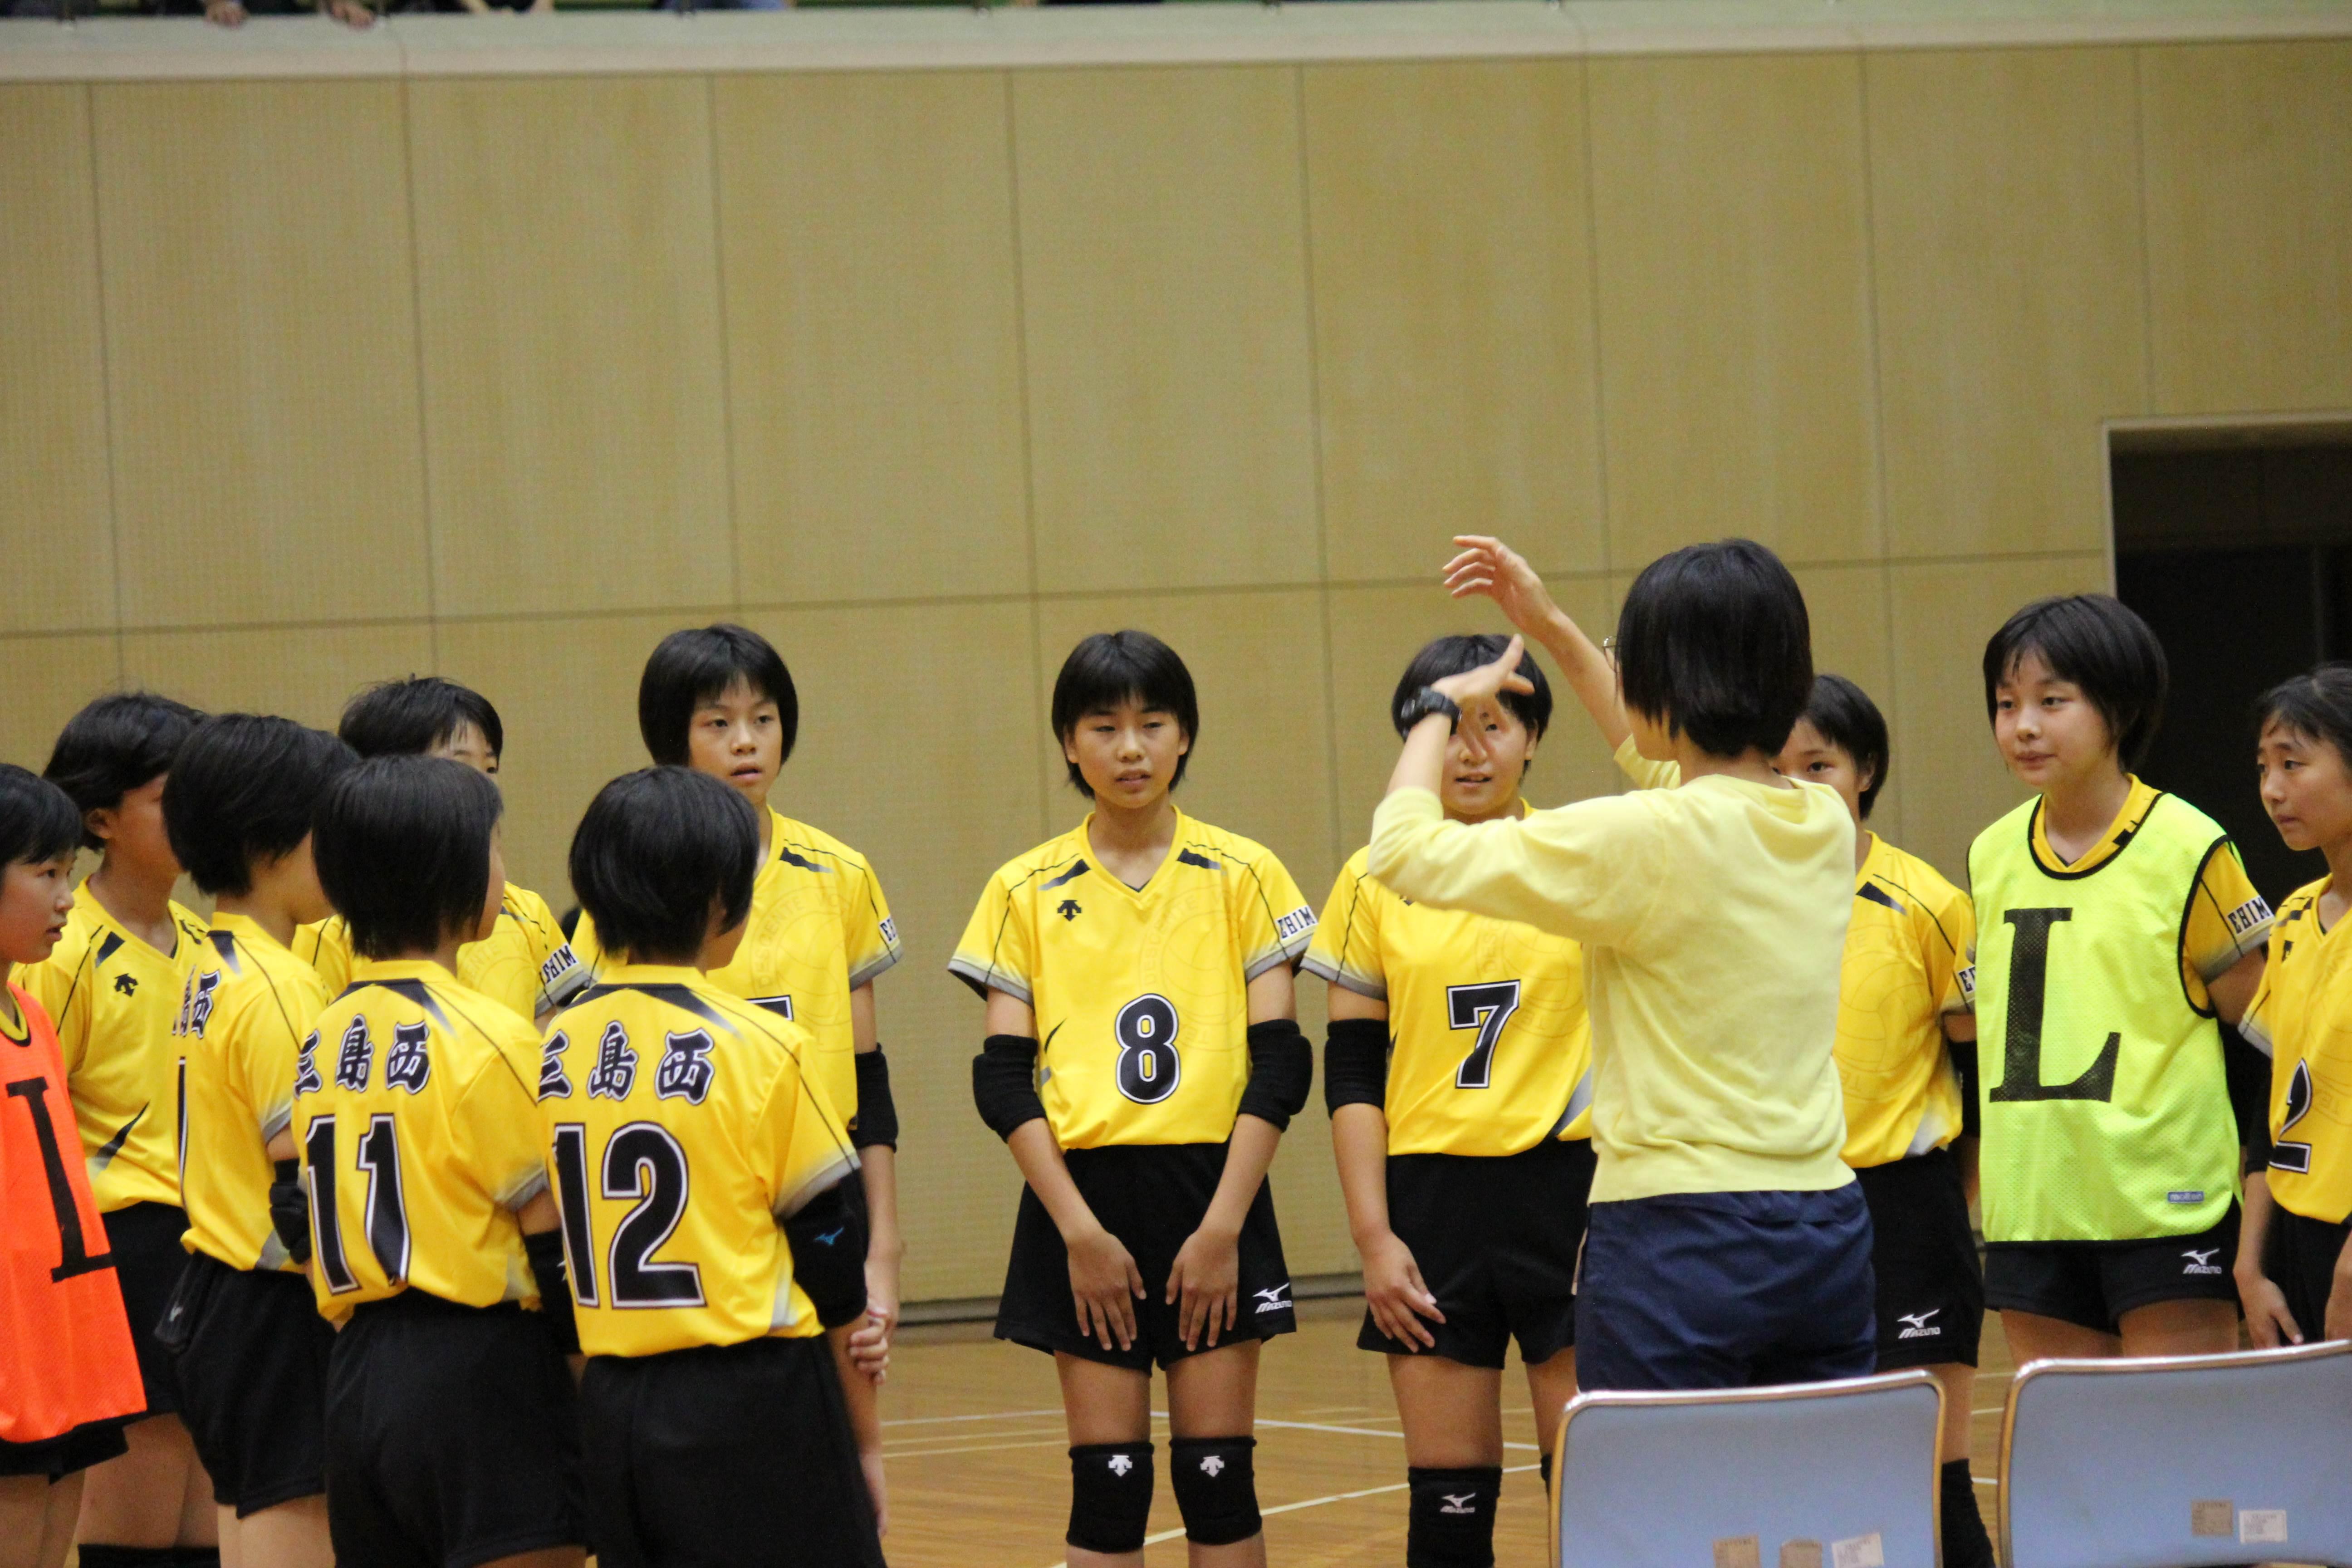 バレーボール (440)